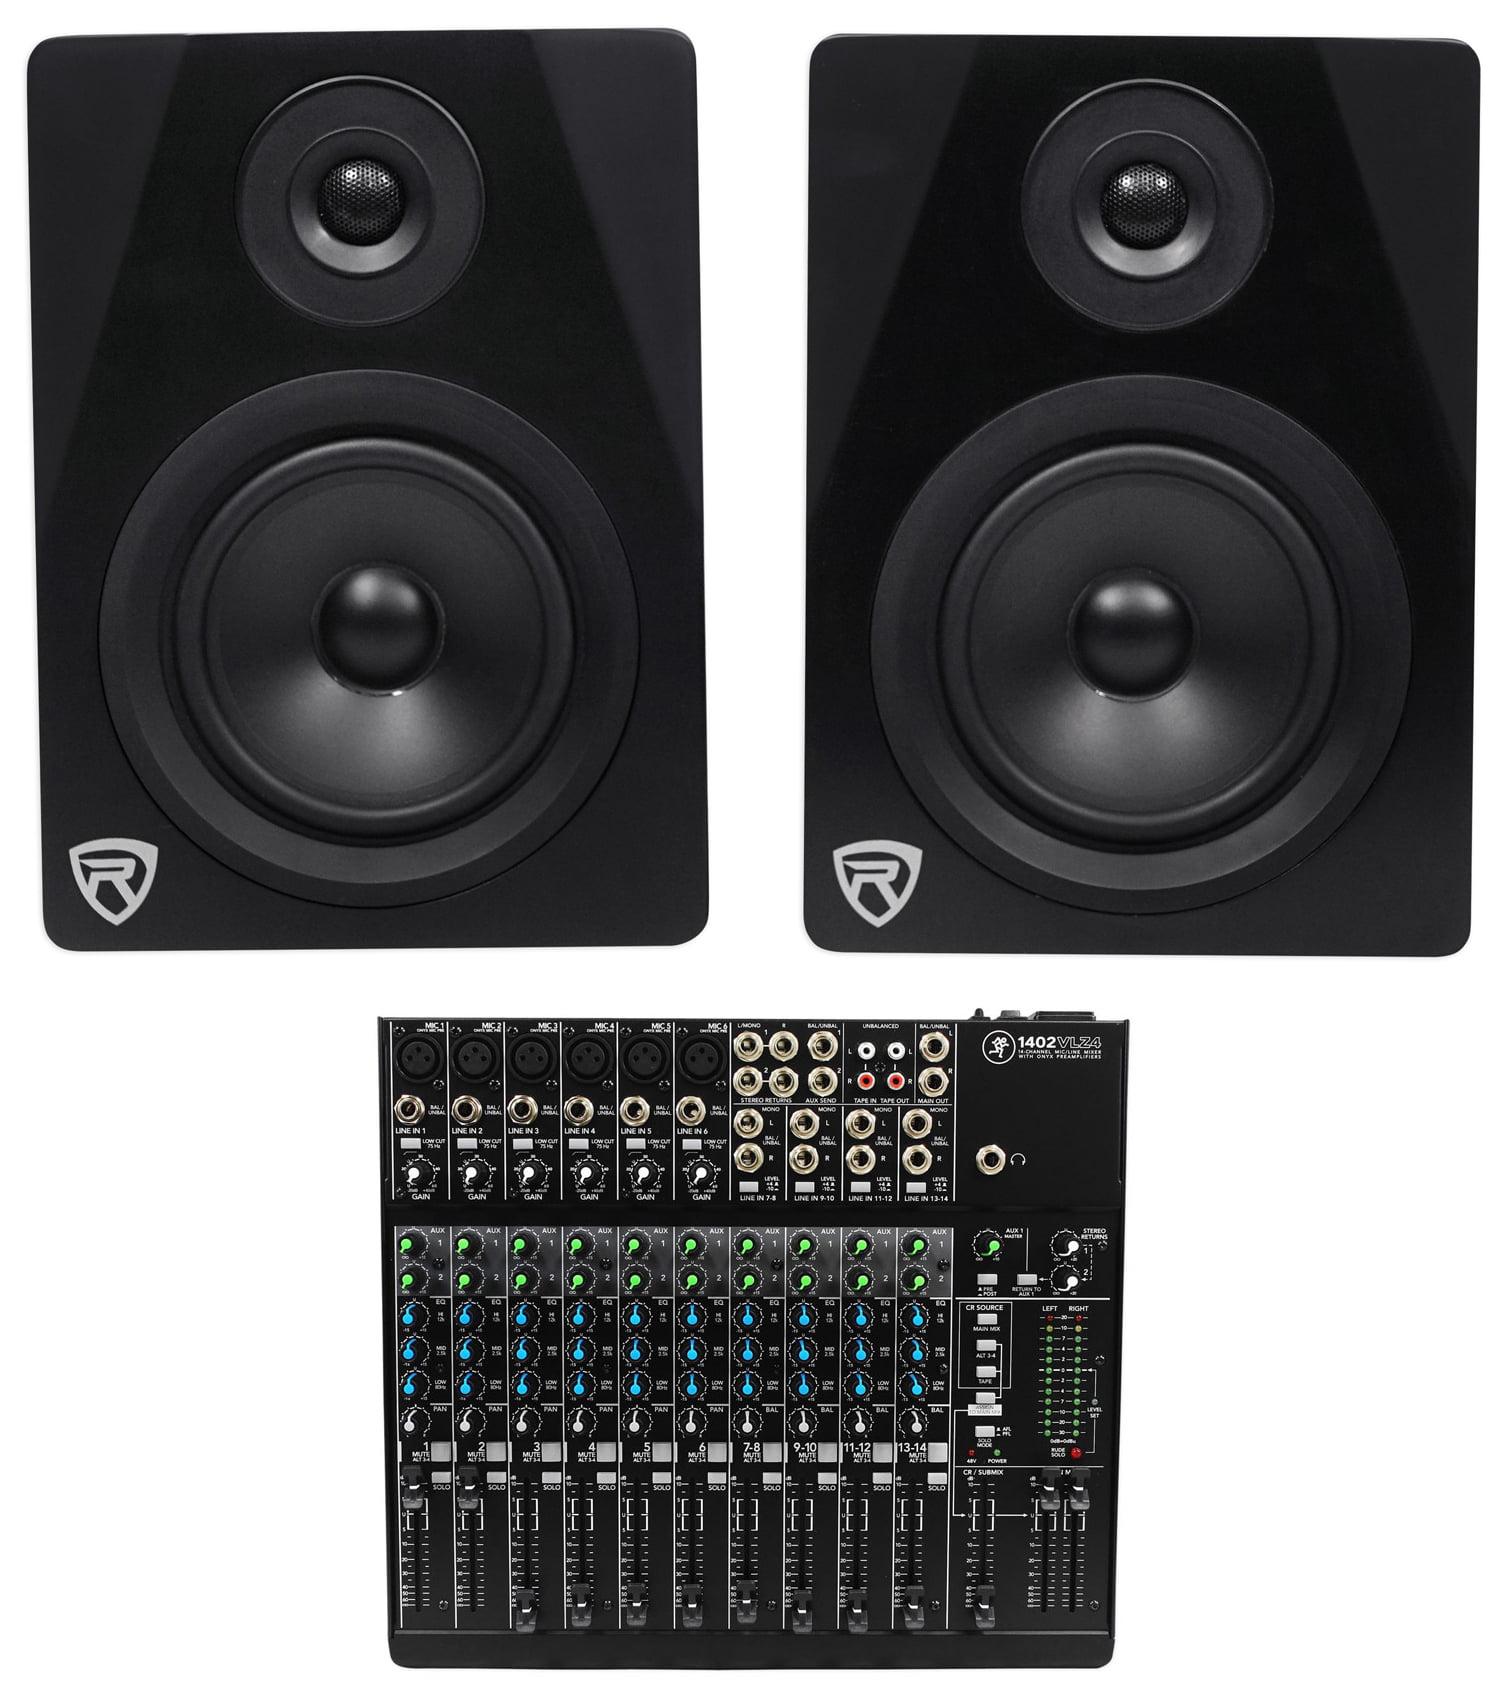 """Mackie 1402VLZ4 14-ch. Analog Mixer w  6 ONYX Preamps+(2) 5.25"""" Studio Monitors by Mackie"""